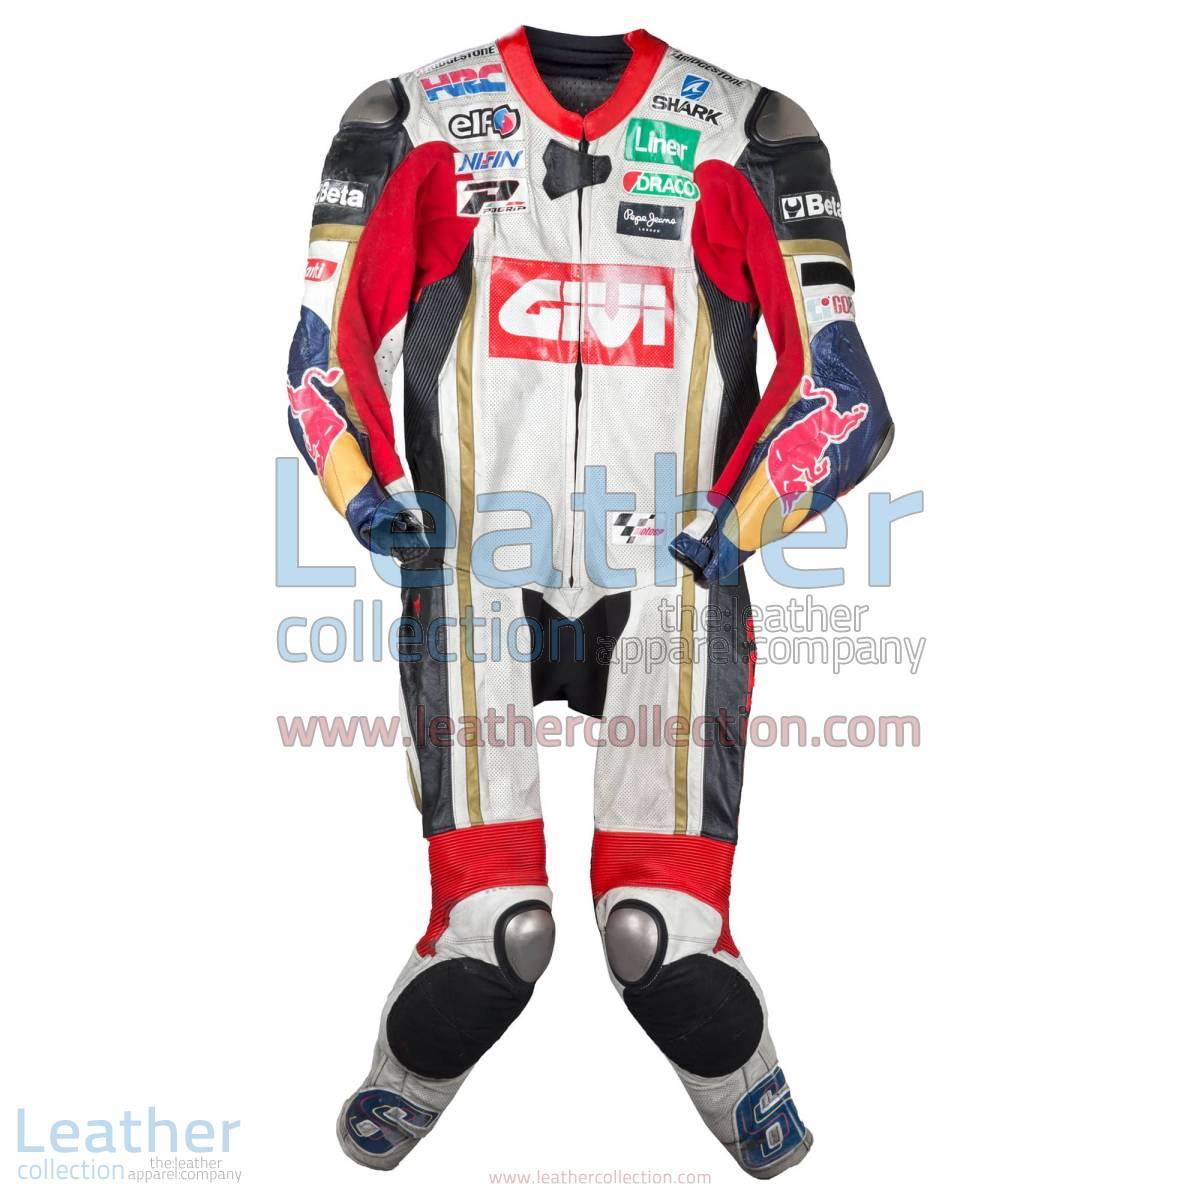 Stefan Bradl Honda 2012 Leathers | Stefan Bradl